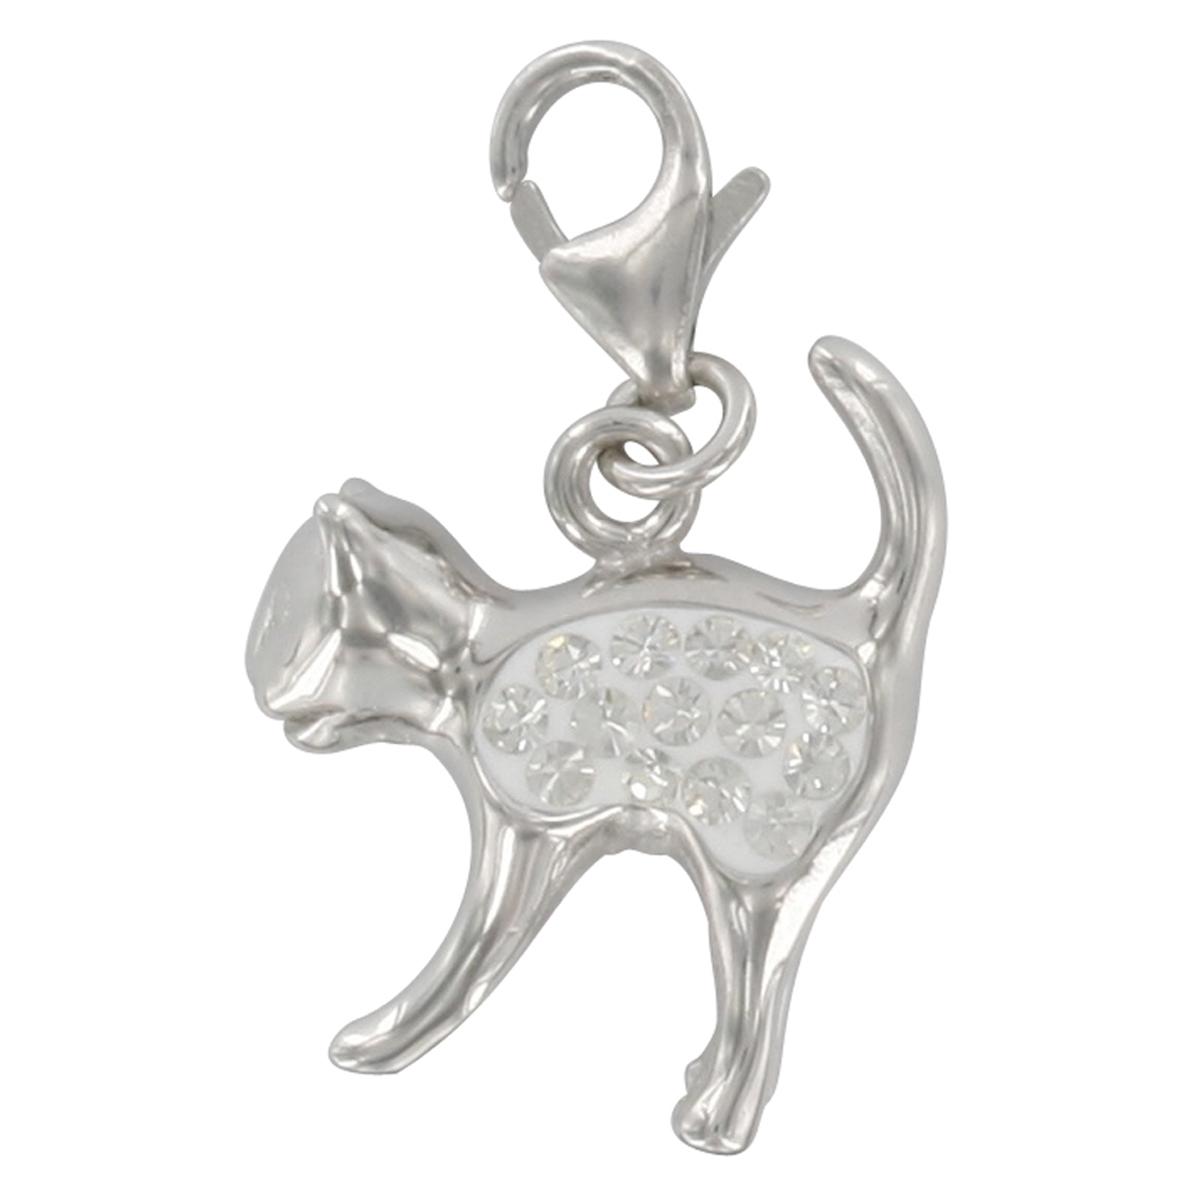 Pendentif charm argent \'Chat\' blanc argenté (rhodié) - 18x15 mm - [Q4919]